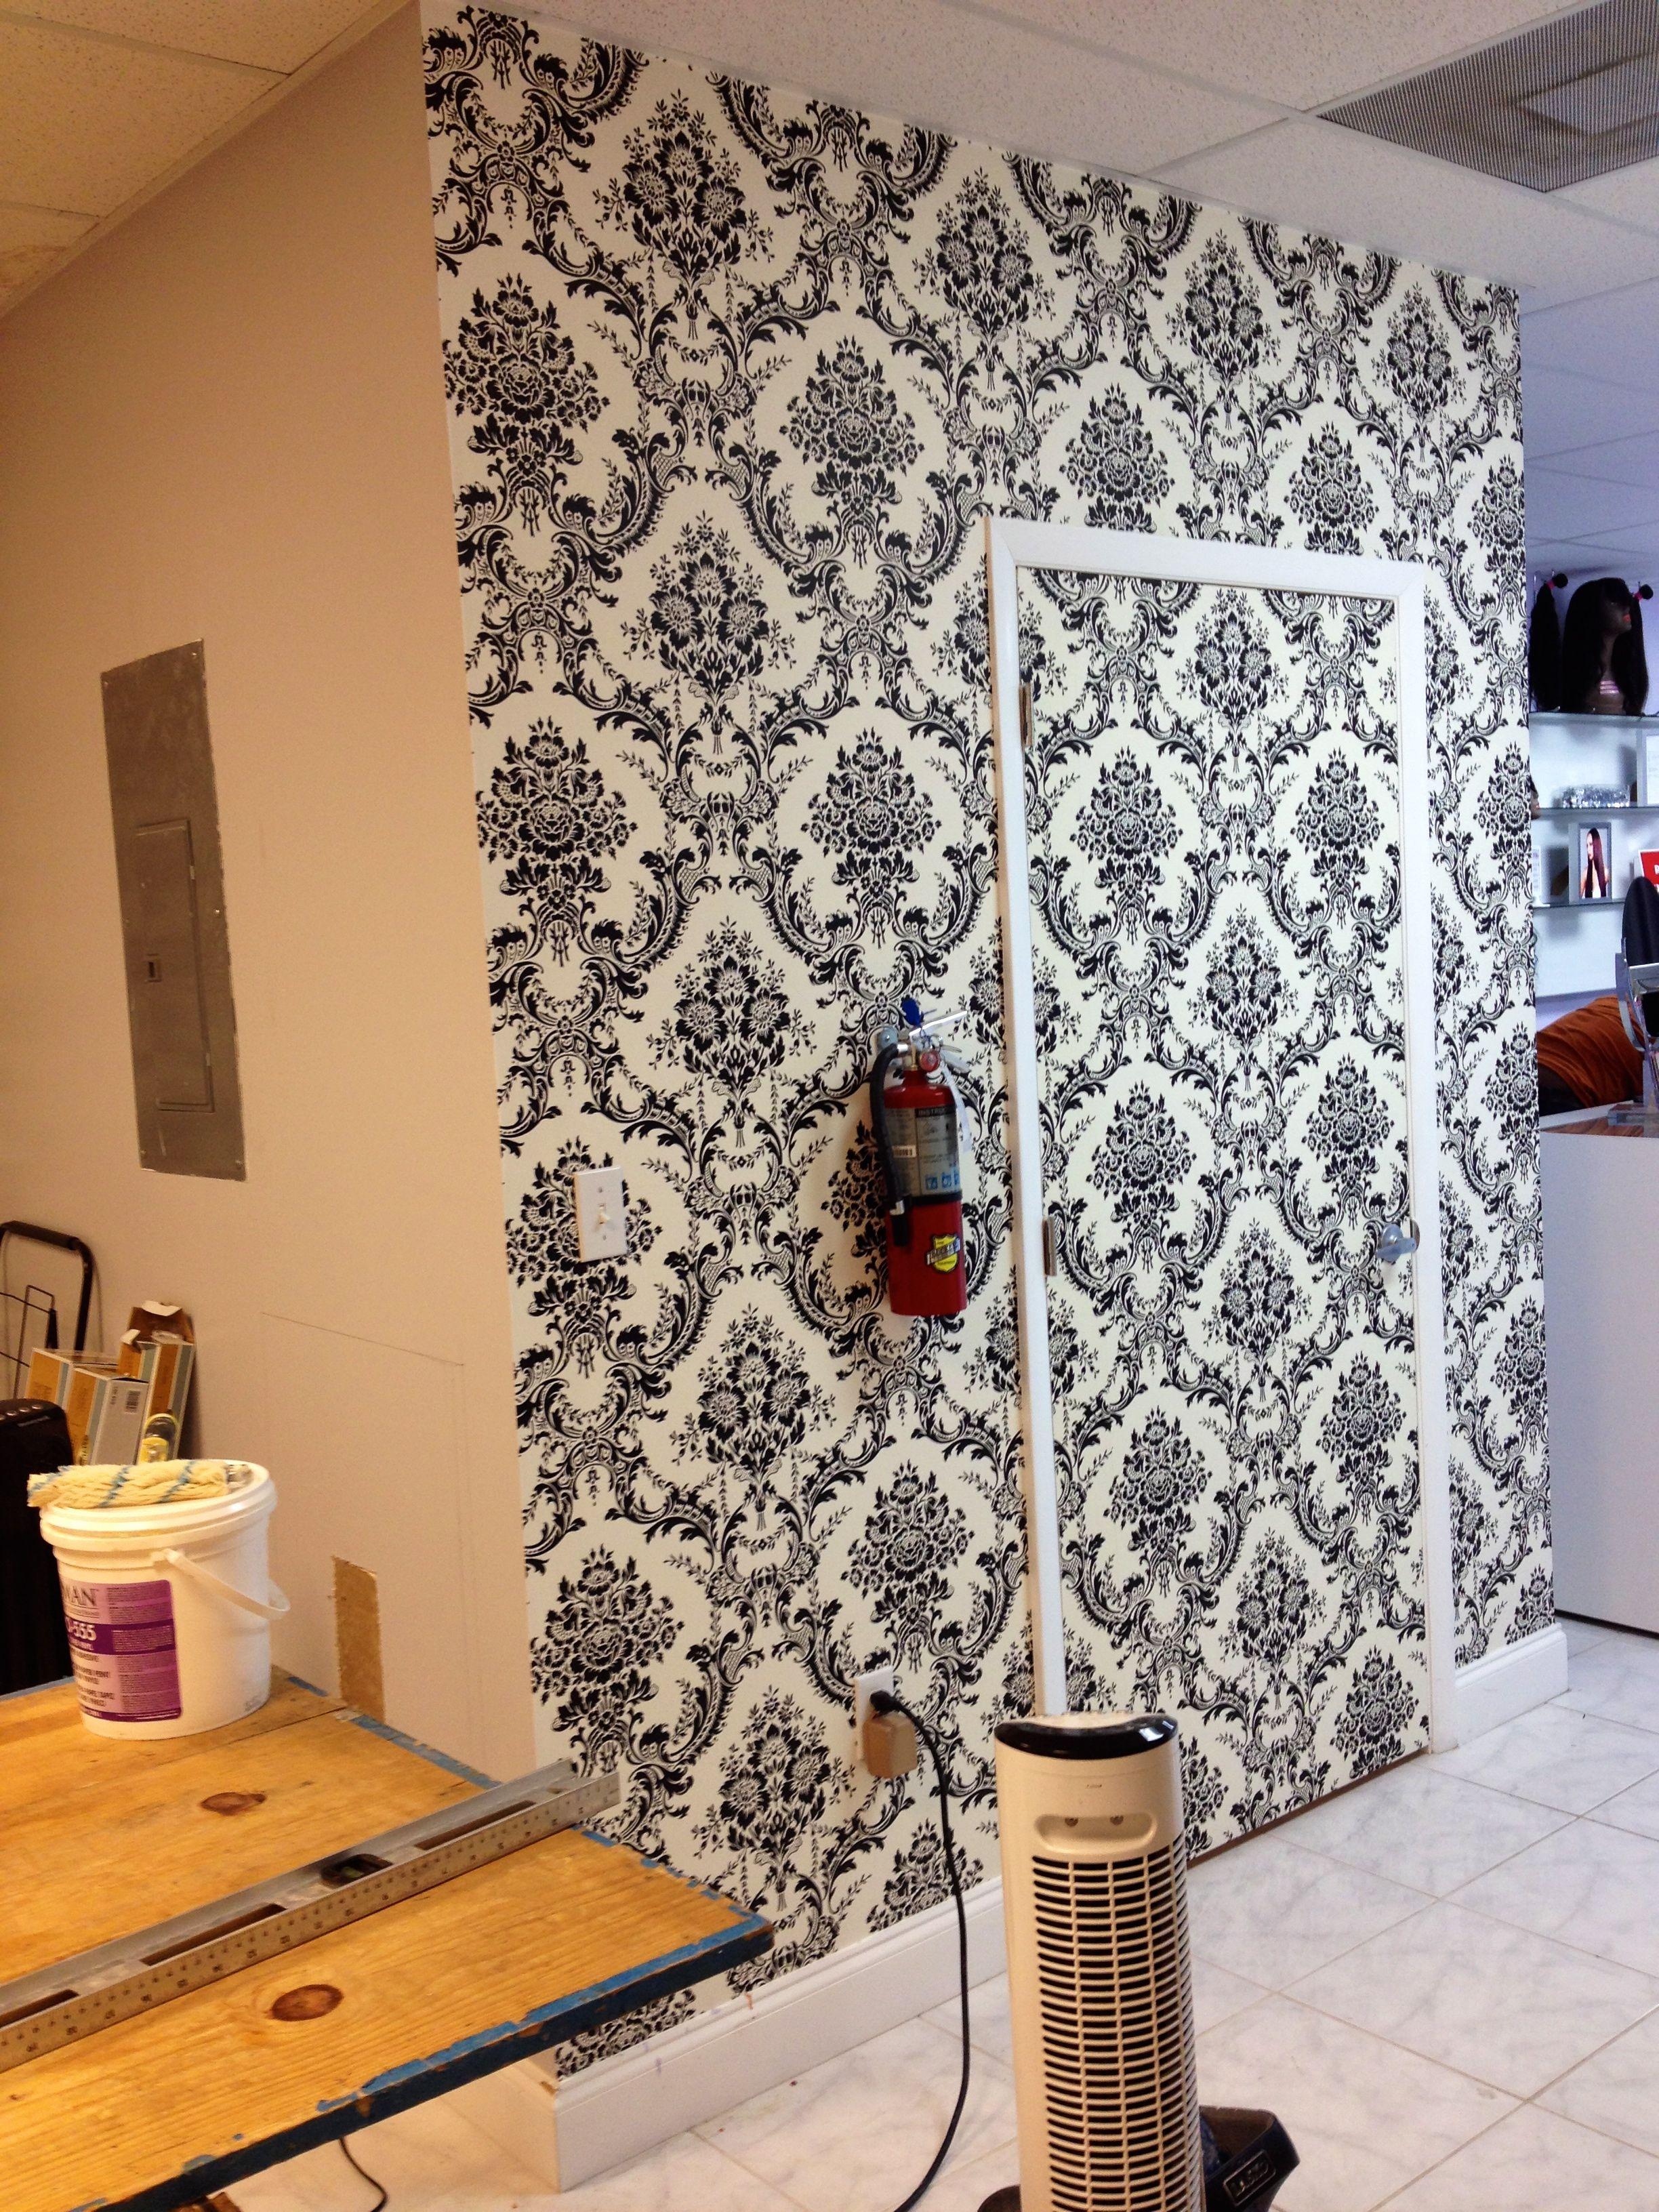 Wallpaper Wallcoverings Contractors D L Wall Design Wall Coverings Wall Design How To Install Wallpaper